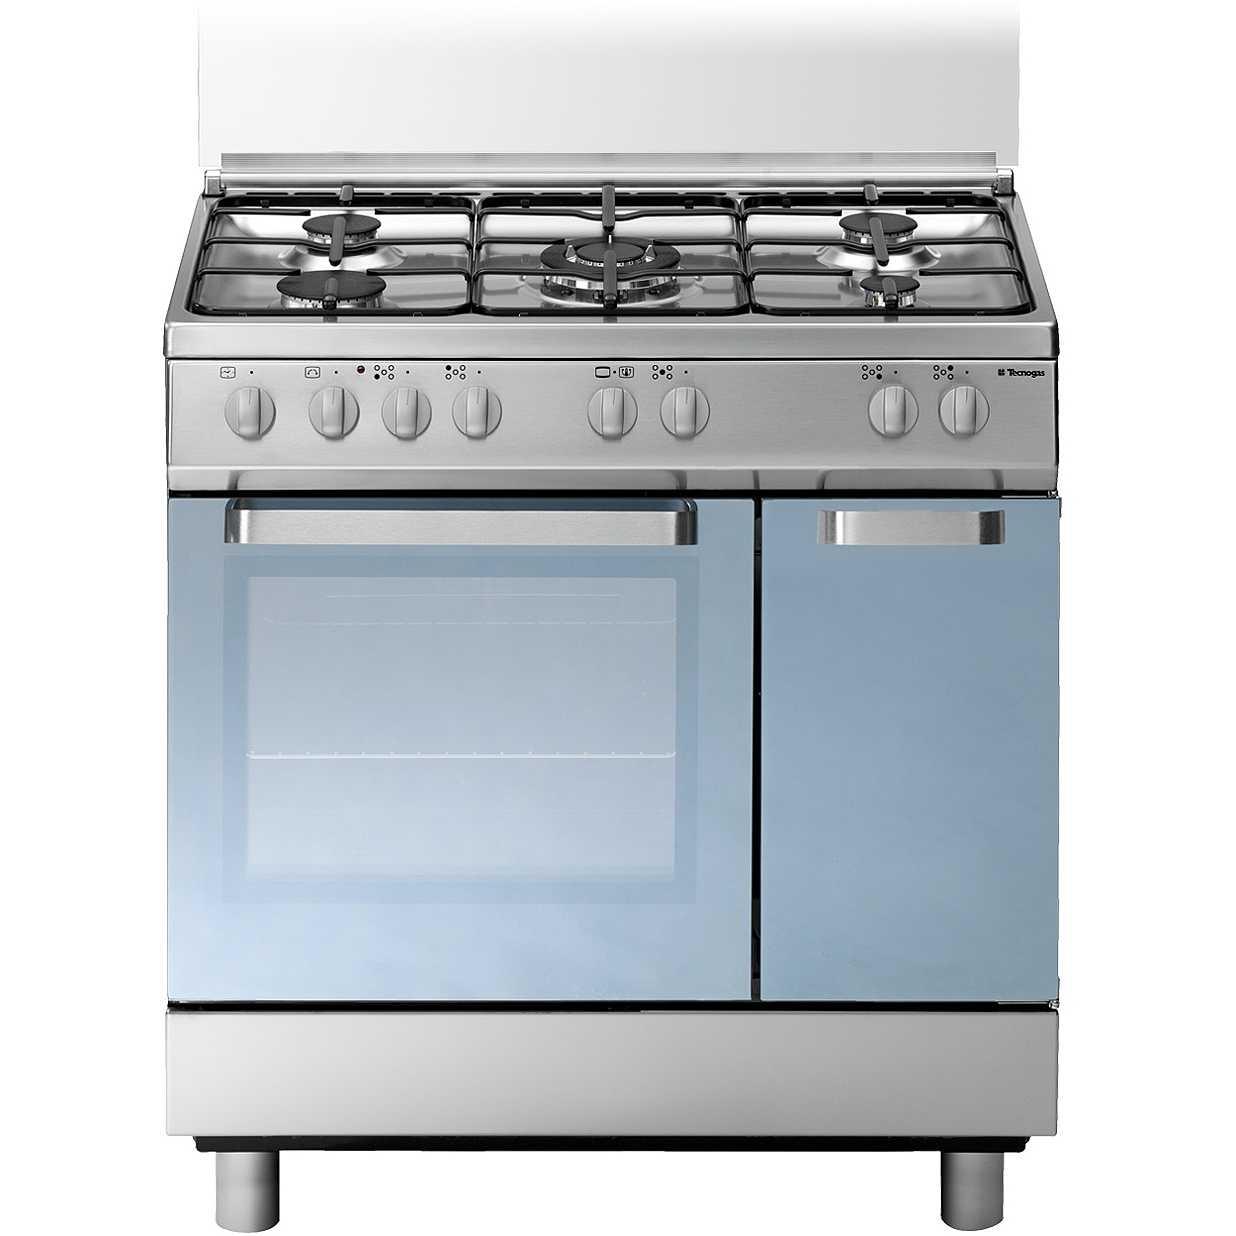 Tecnogas d827xs cucina 80x50 5 fuochi a gas forno elettrico multifunzione 52 litri classe a - Cucina 5 fuochi ...